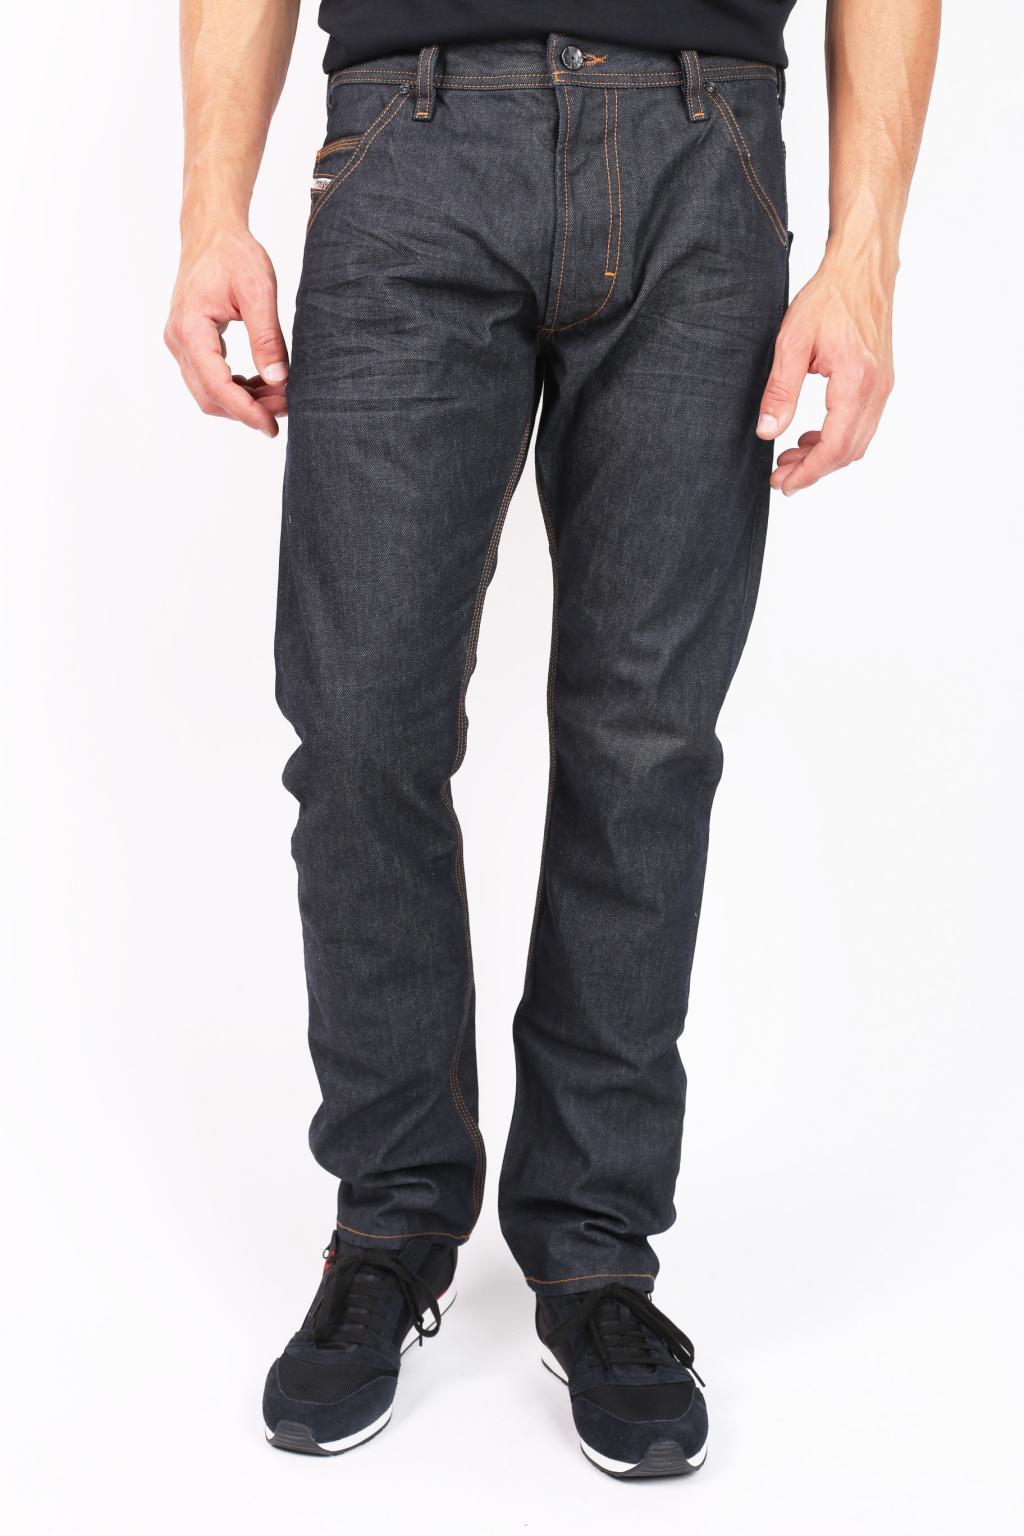 Diesel 'Krooley' Jeans